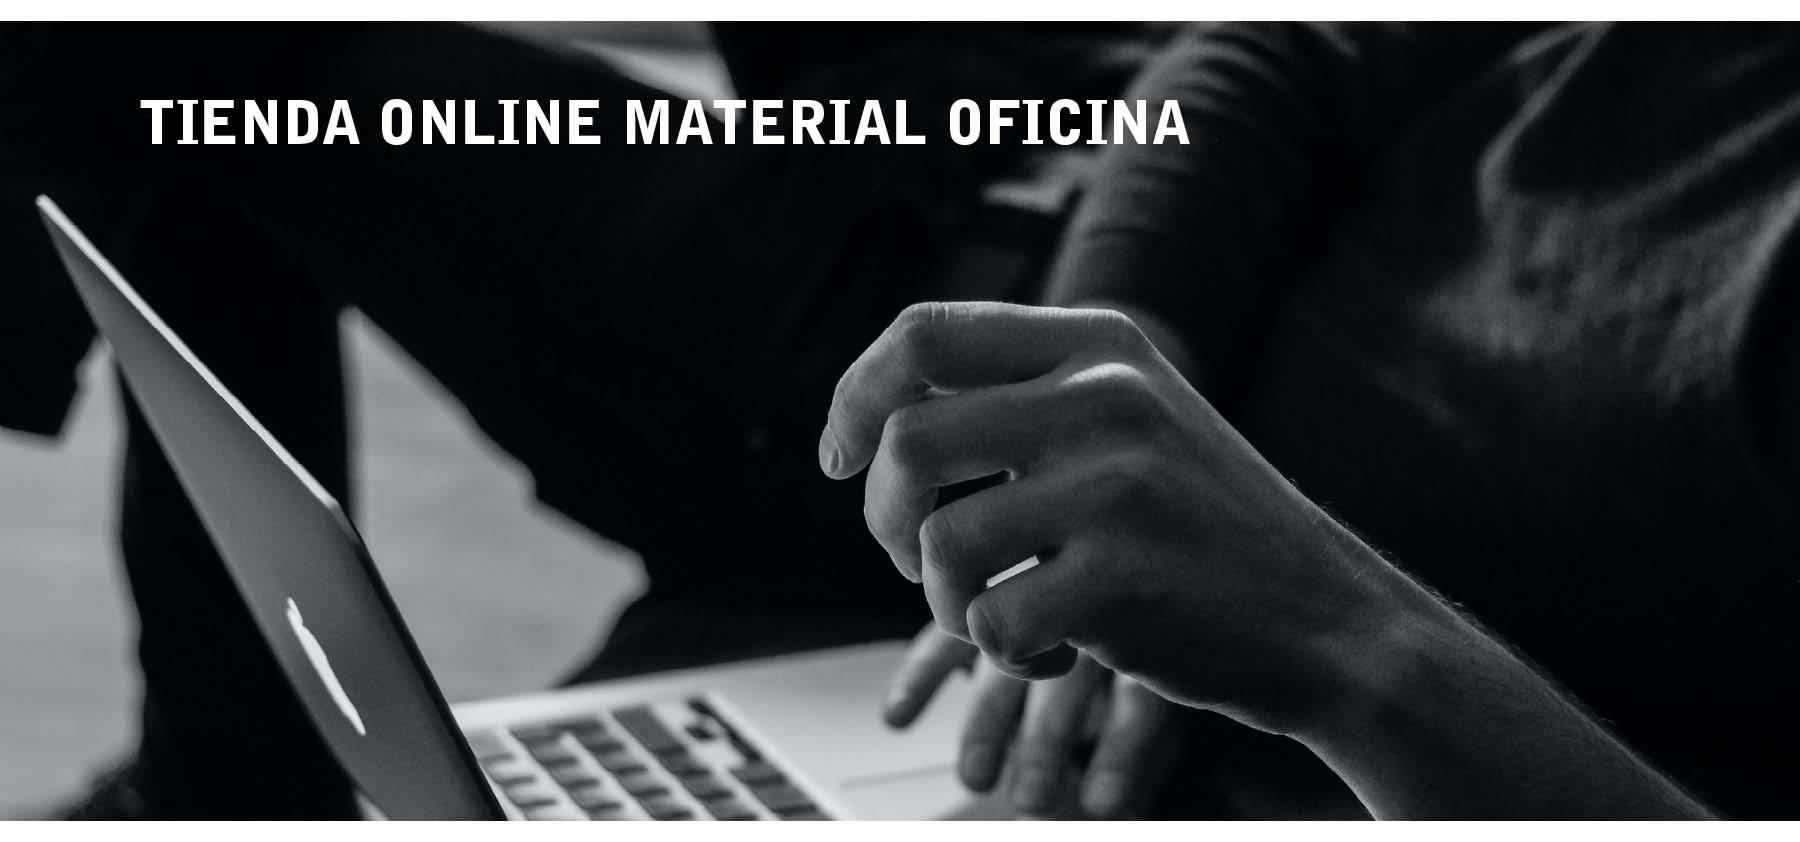 Tienda online de papelería